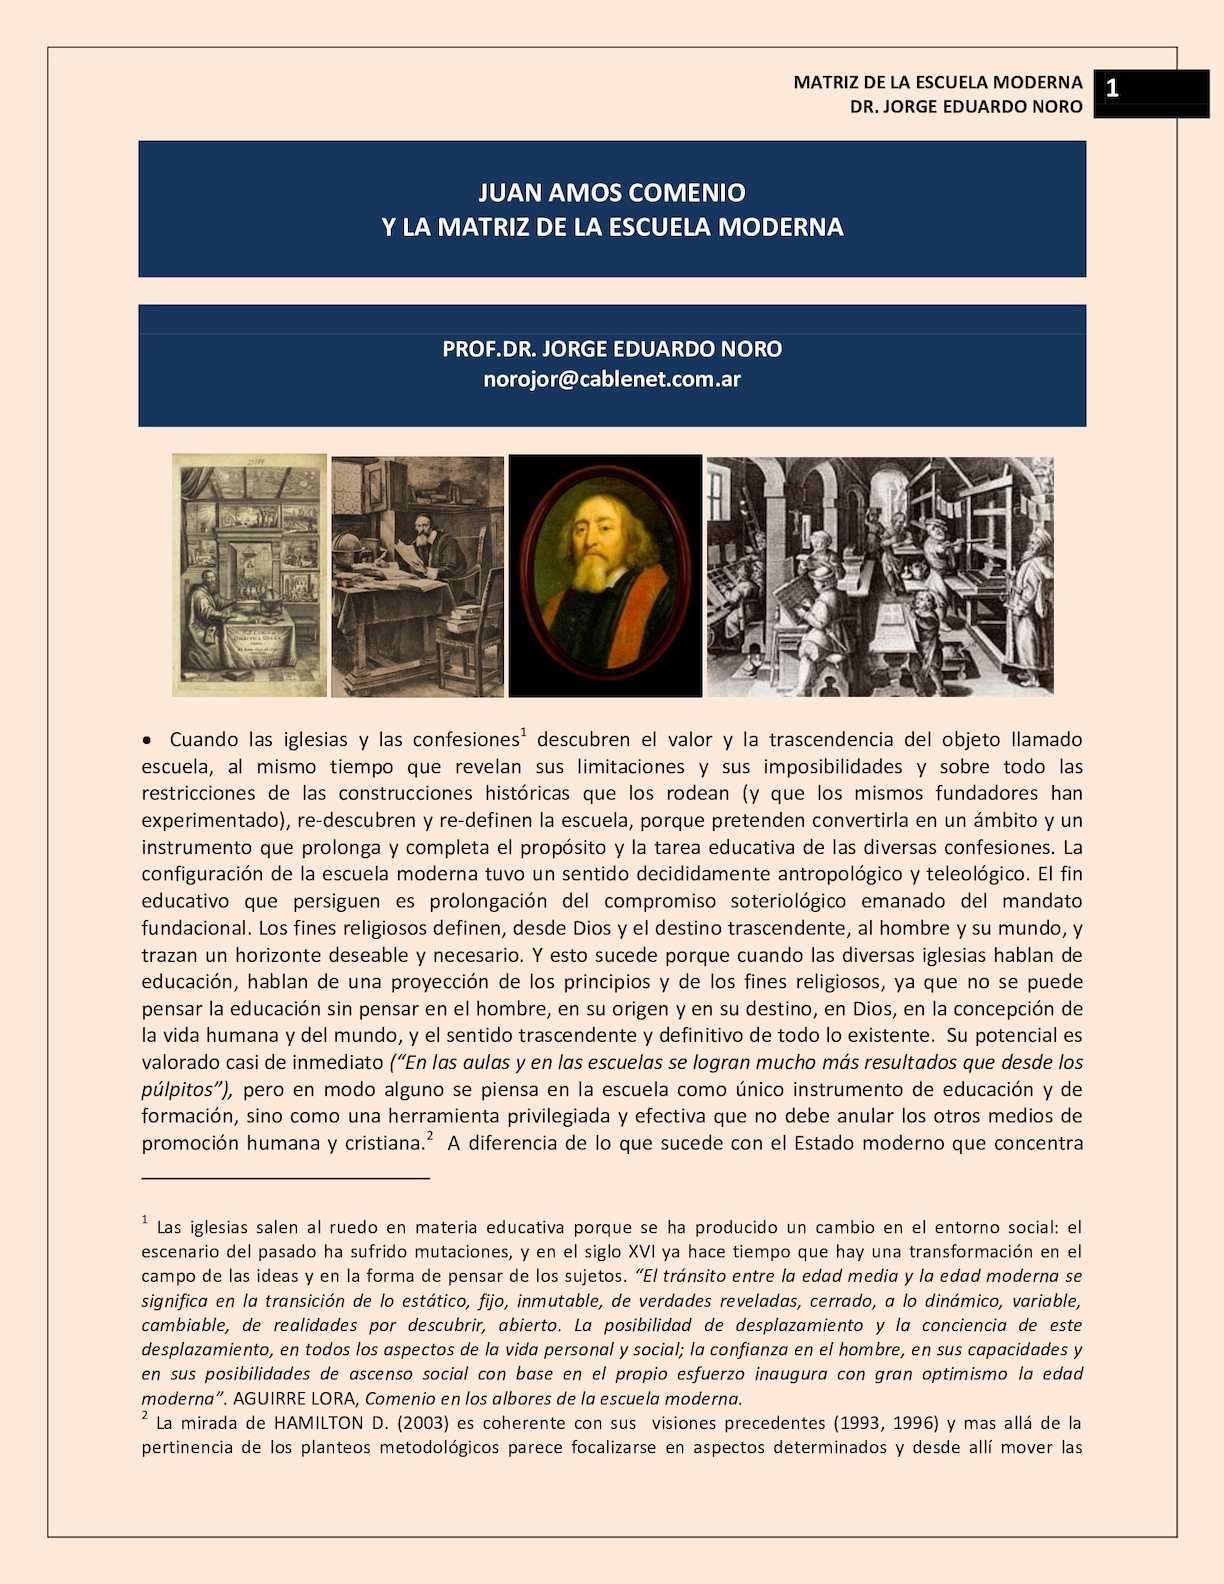 213. COMENIO Y LA FORMACION DE LA ESCUELA MODERNA